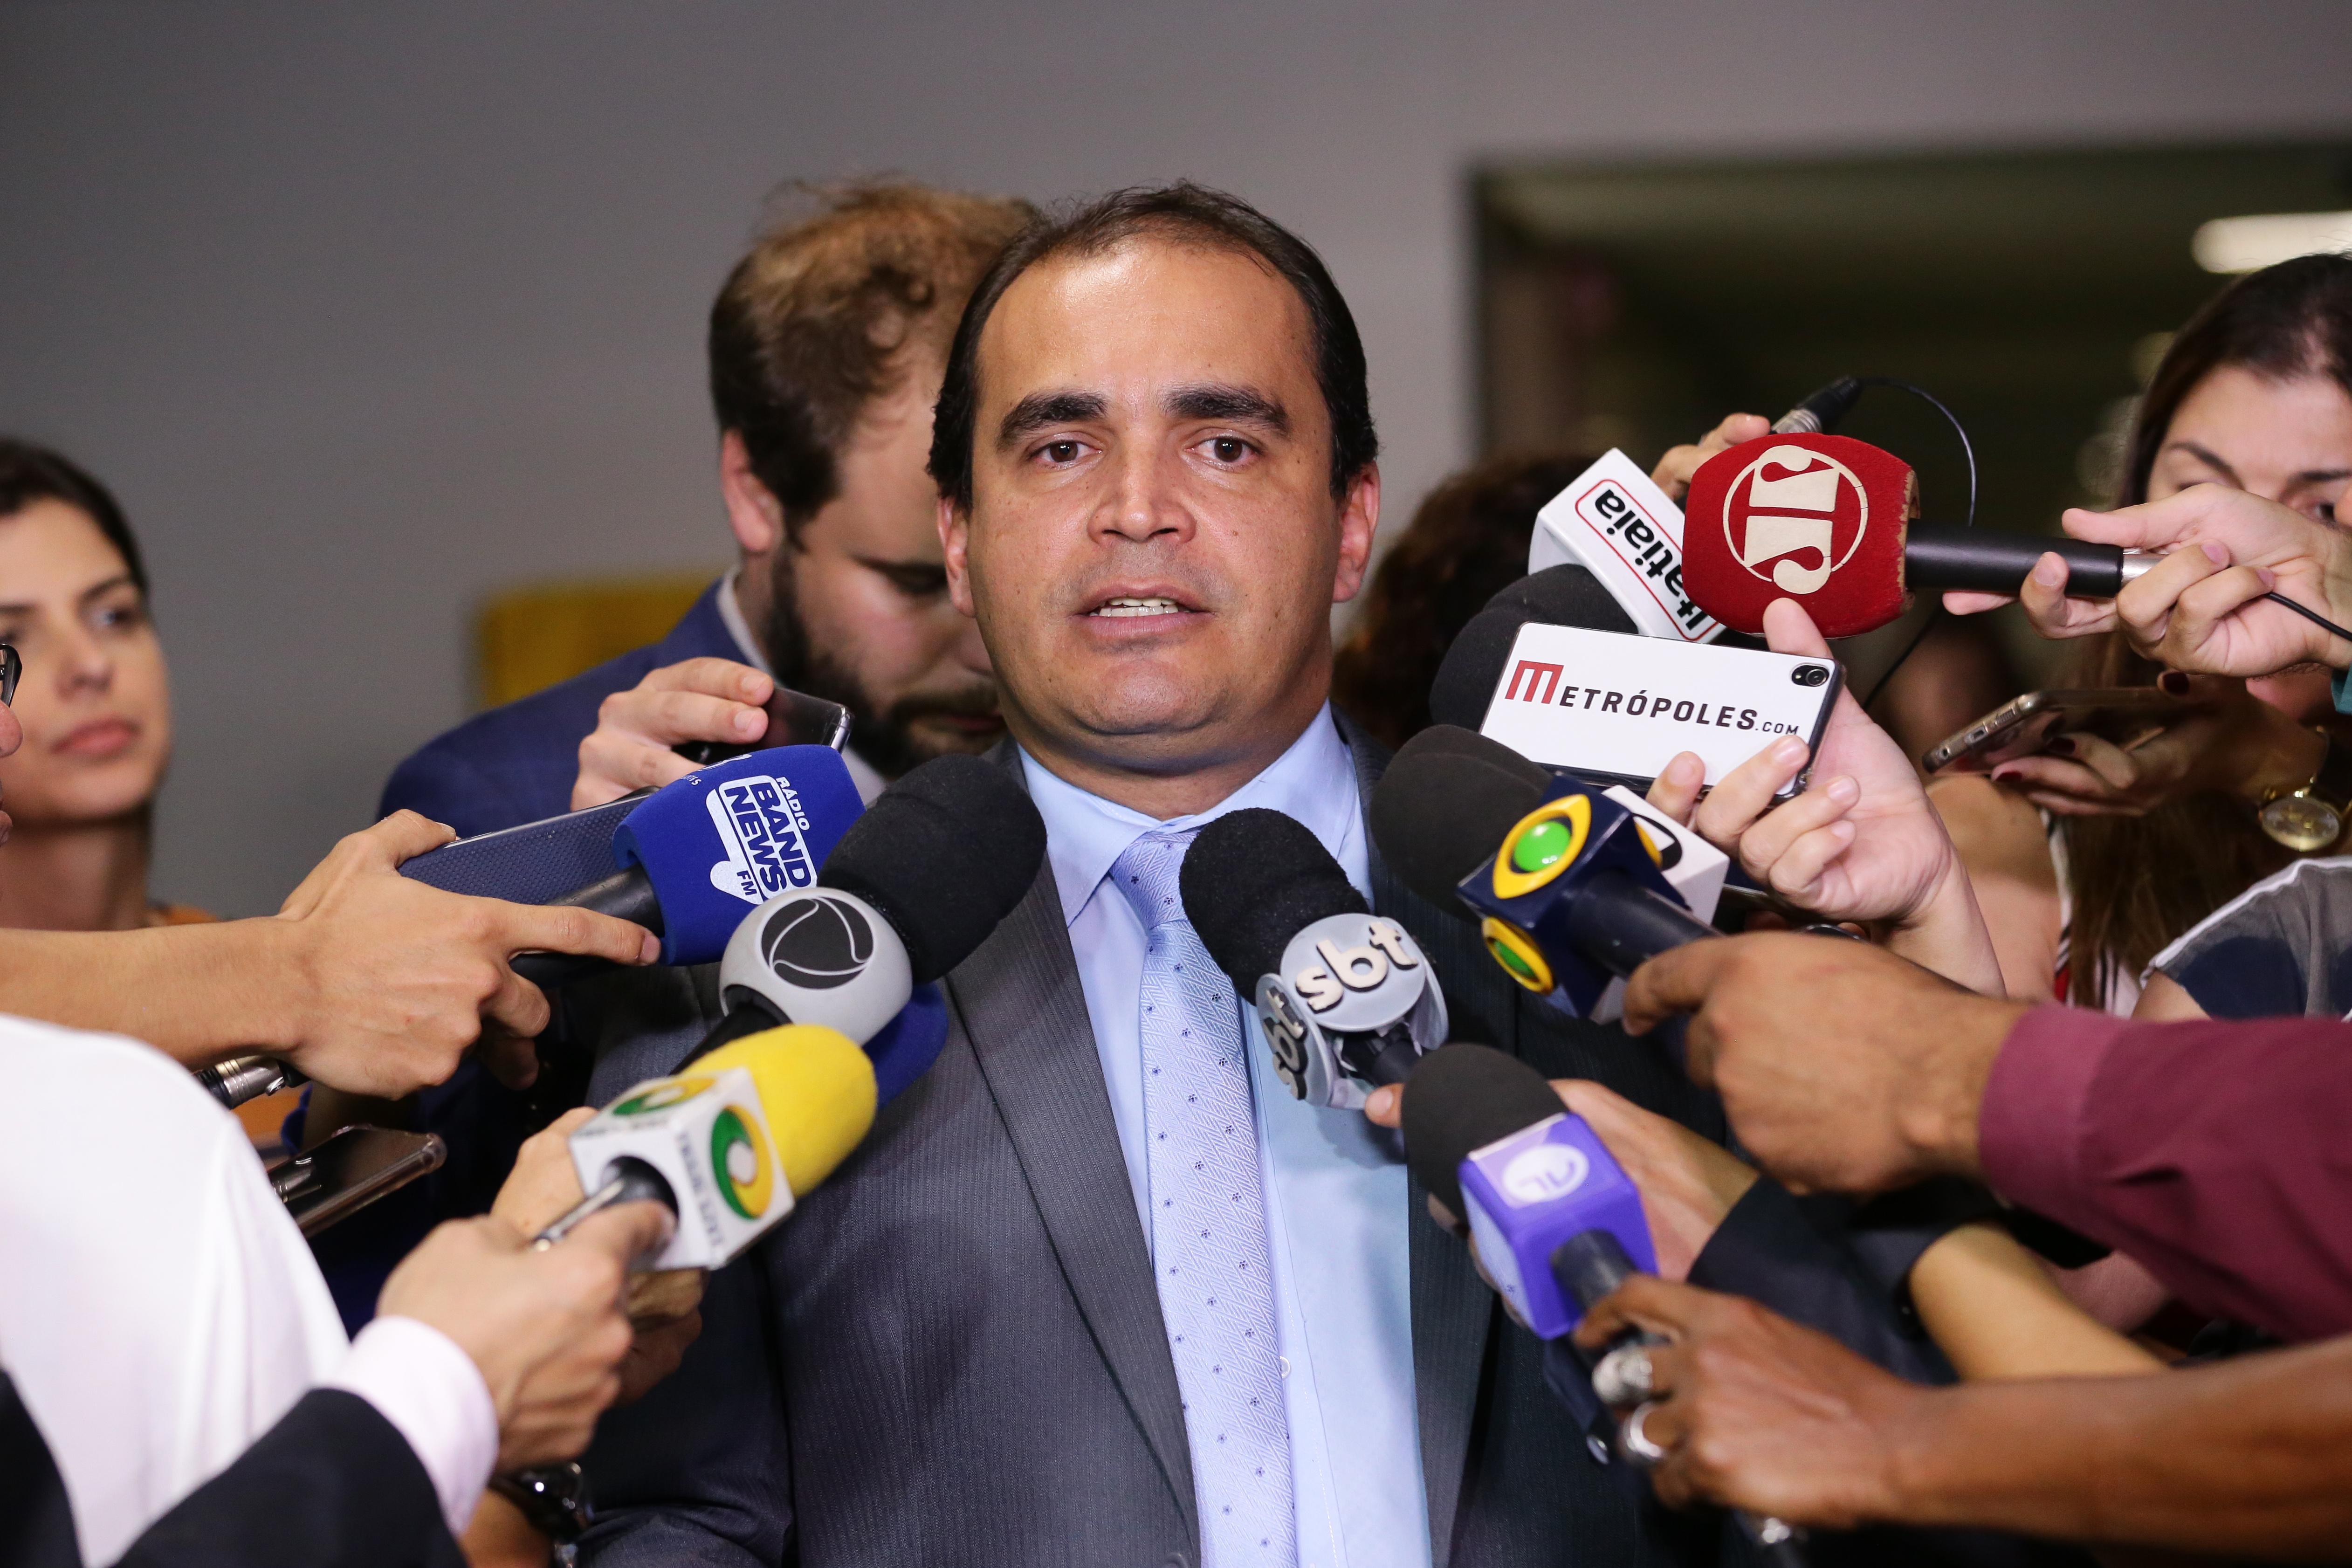 Relator da reforma da Previdência na CCJC da Câmara, Dep. Delegado Marcelo Freitas (PSL - MG), concede entrevista sobre a reforma da Previdência (PEC 6/19)